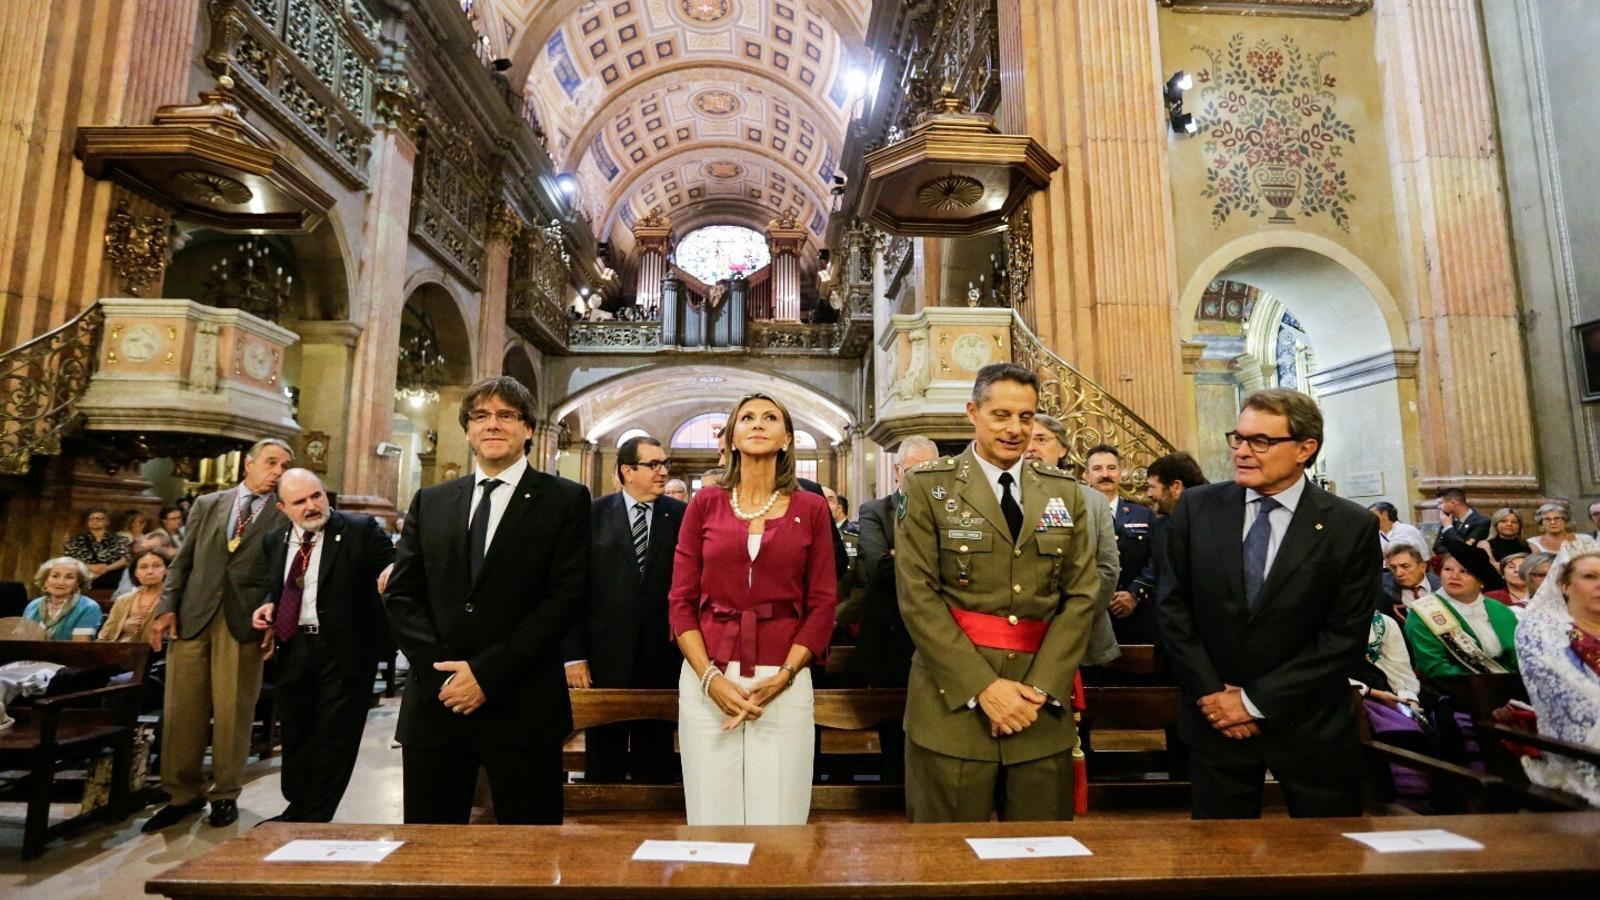 """Omella, durant la missa de la Mercè: """"Demano una societat més lliure i més justa per aconseguir-ho cal unir forces"""" / CRISTINA CALDERER"""